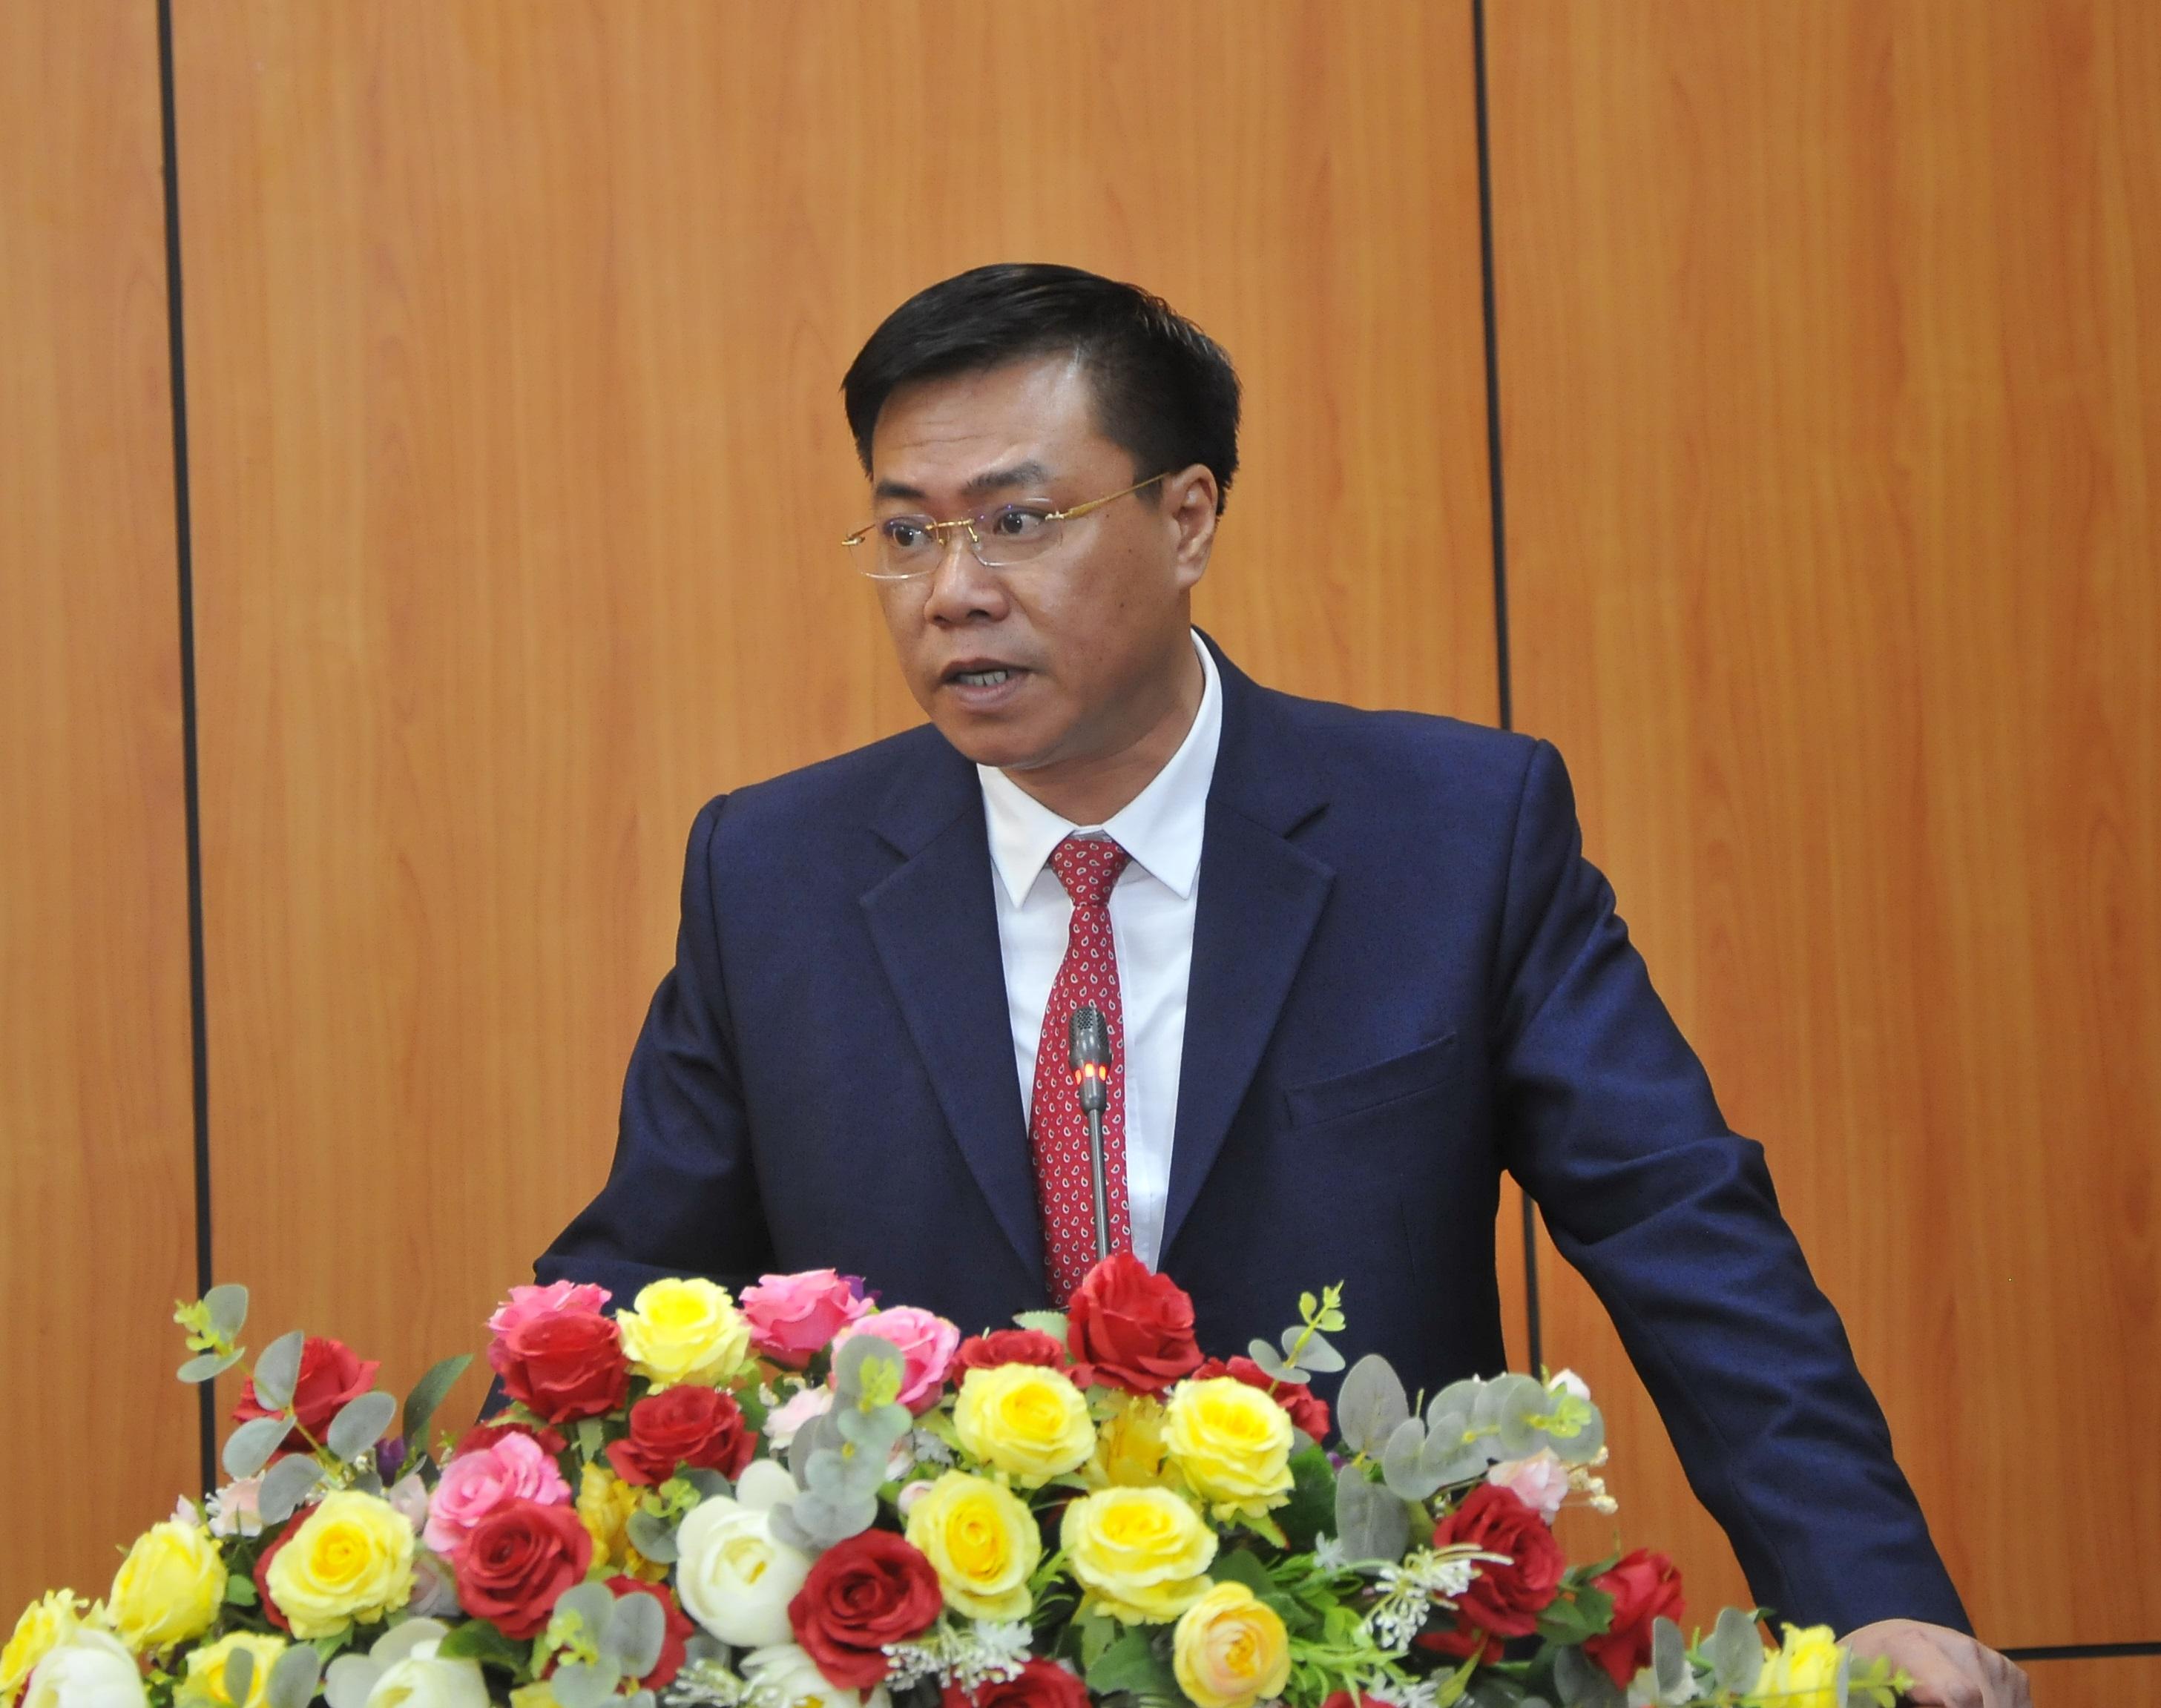 Giám đốc Sở Xây dựng Nguyễn Tiến Dũng phát biểu nhận nhiệm vụ. Ảnh Kim Tiến